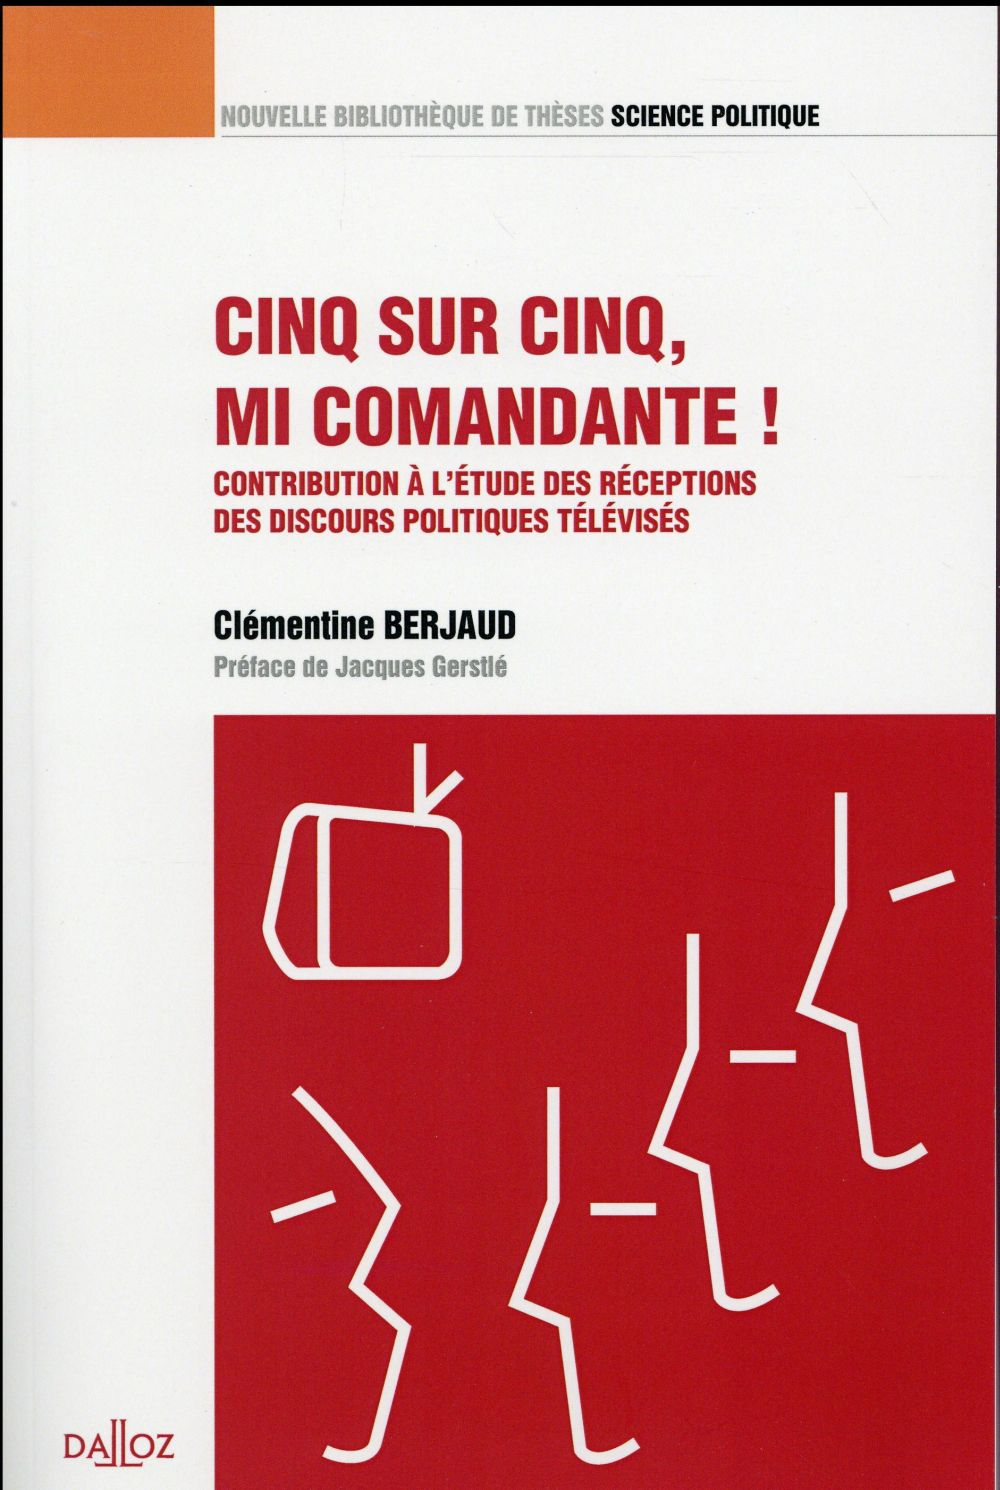 Cinq sur cinq, mi Comandante ! contribution à l'étude des réceptions des discours politiques télévisés